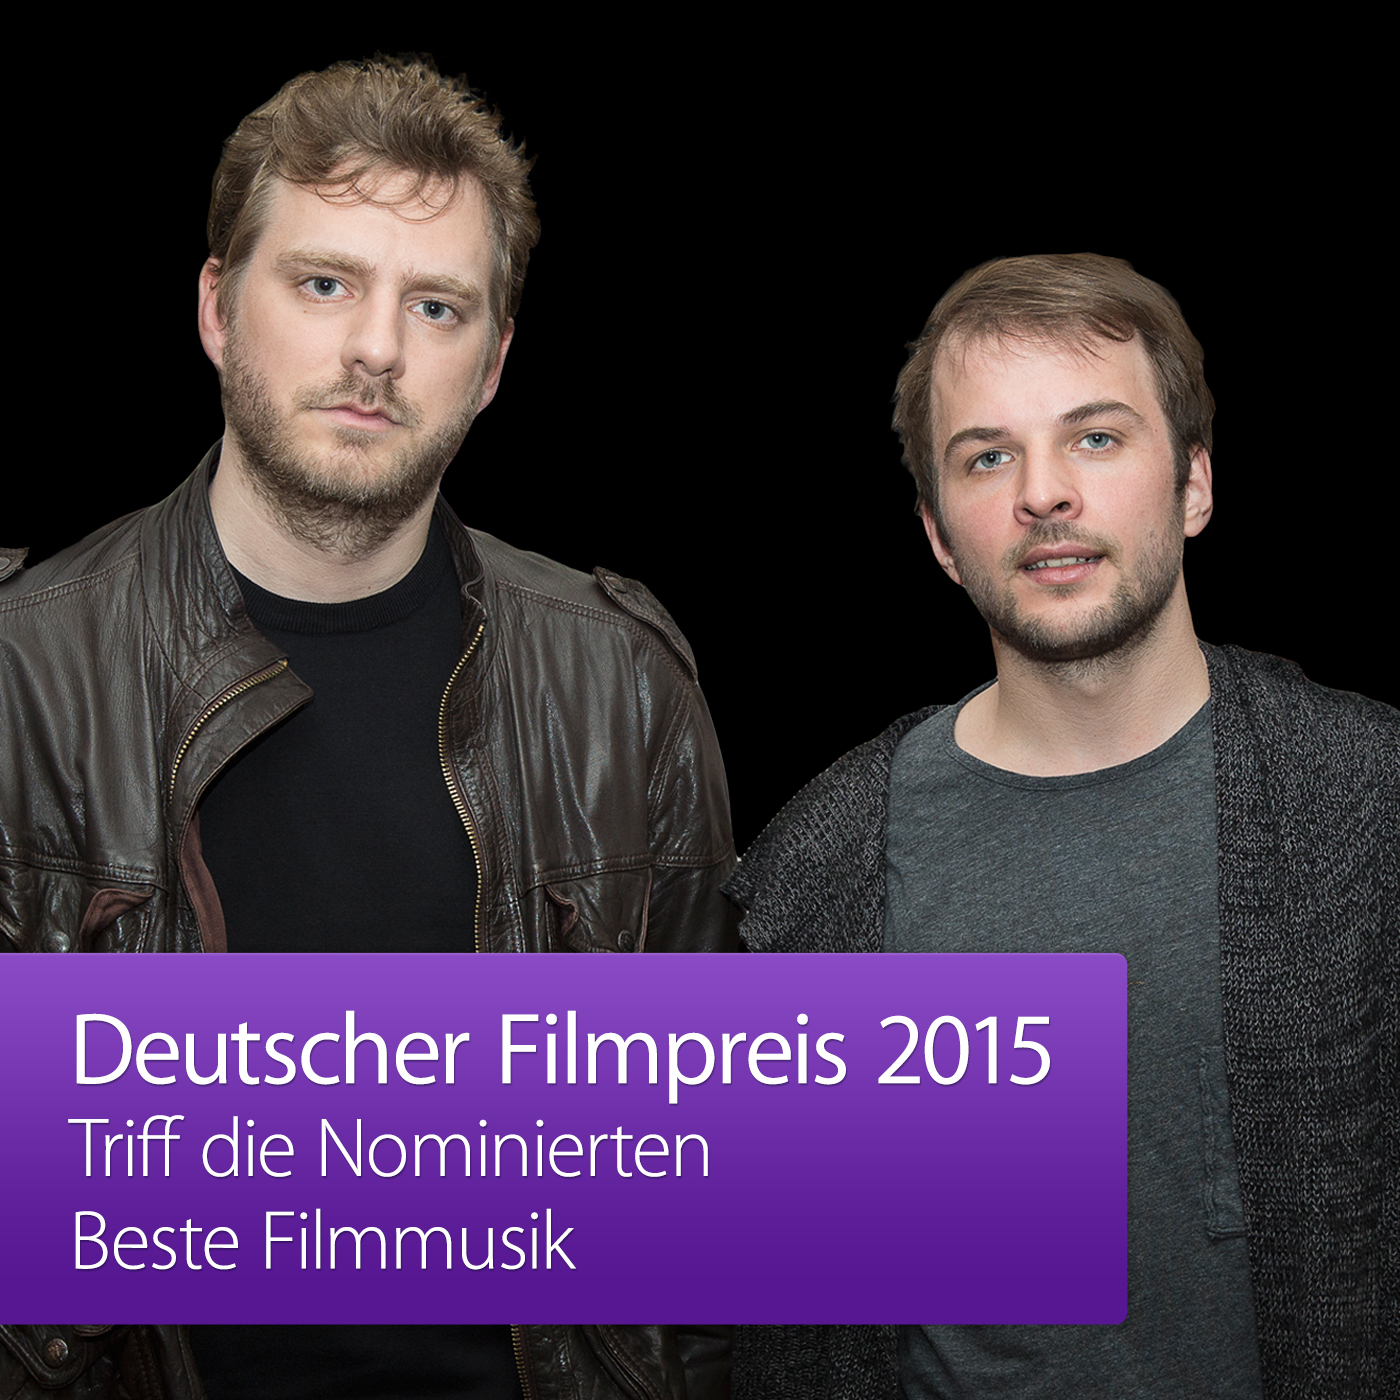 Deutscher Filmpreis 2015 – Triff die Nominierten: Beste Filmmusik